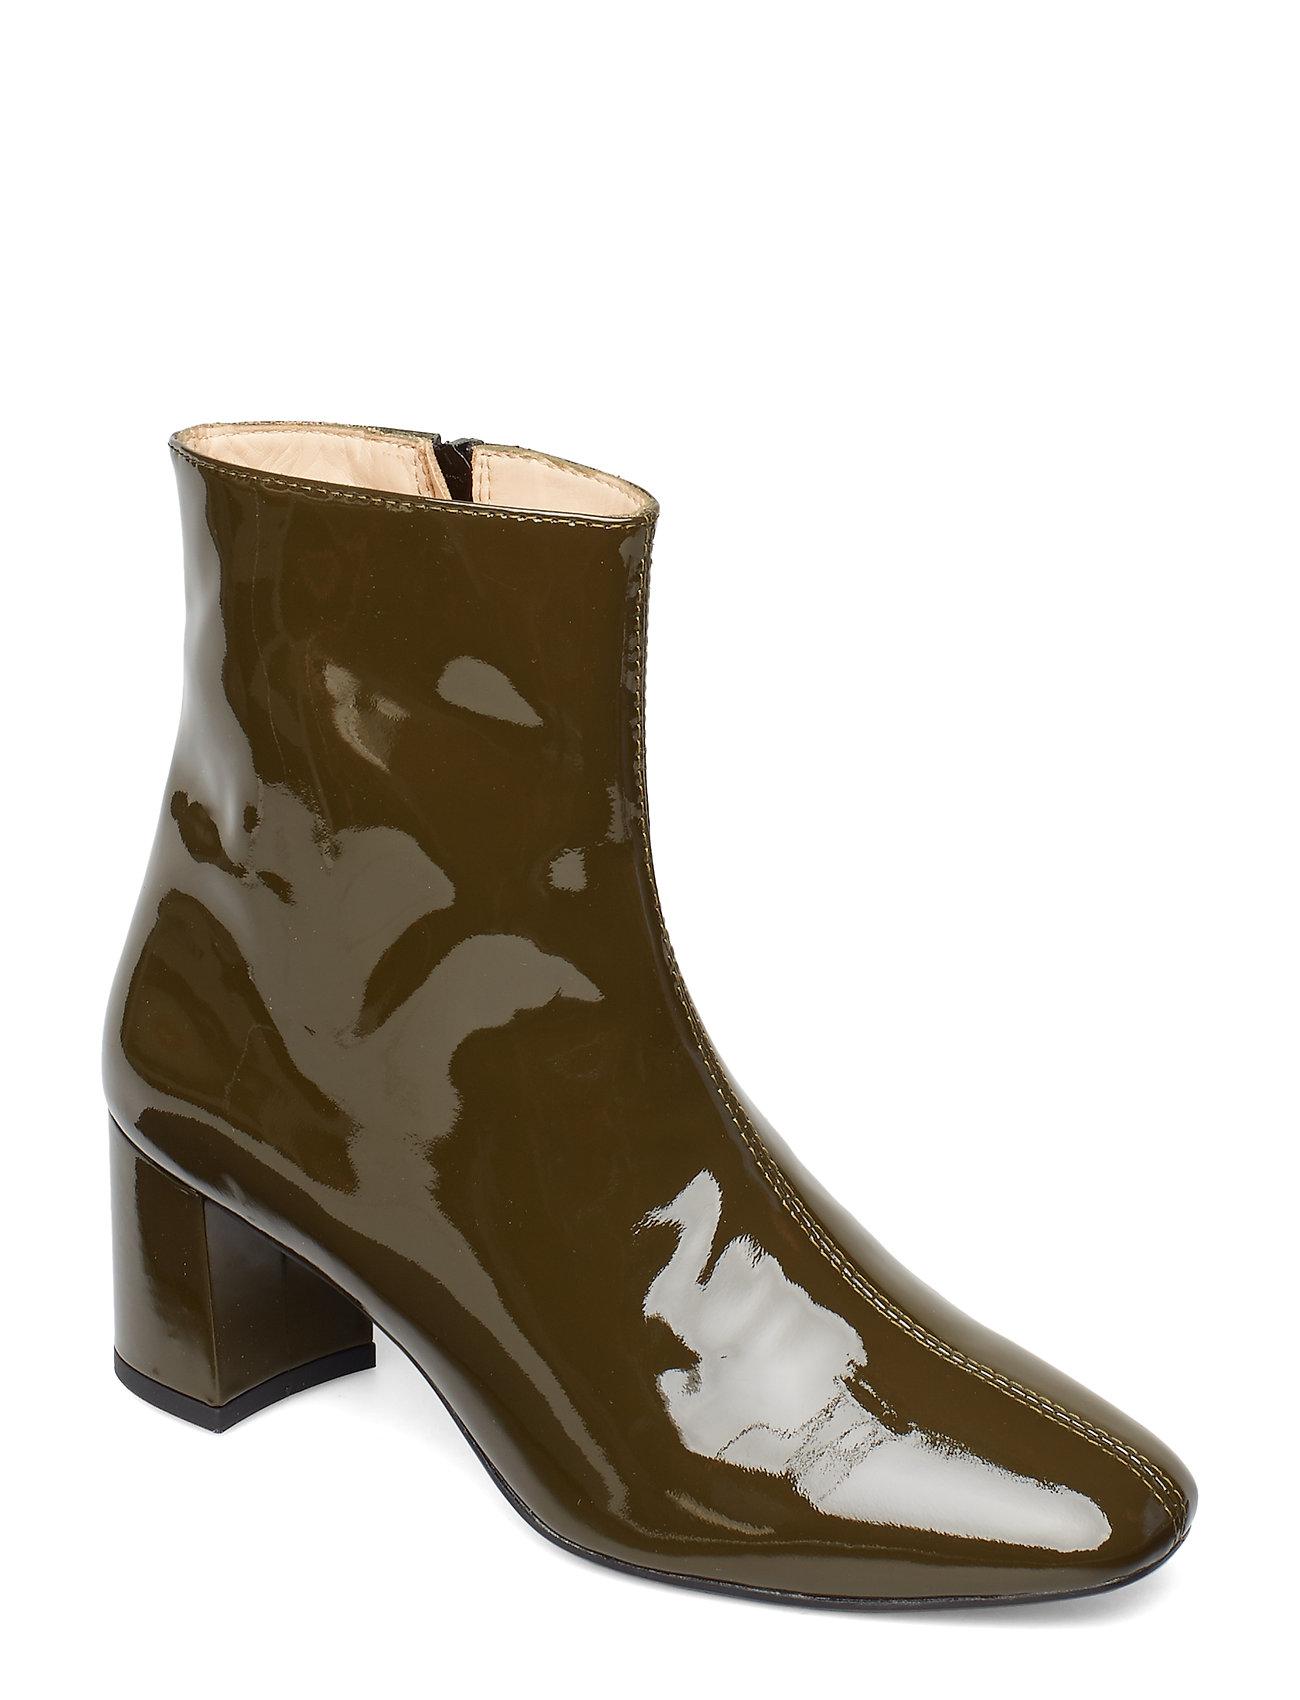 Image of Bootie - Block Heel - With Zippe Shoes Boots Ankle Boots Ankle Boots With Heel Grøn ANGULUS (3193759621)